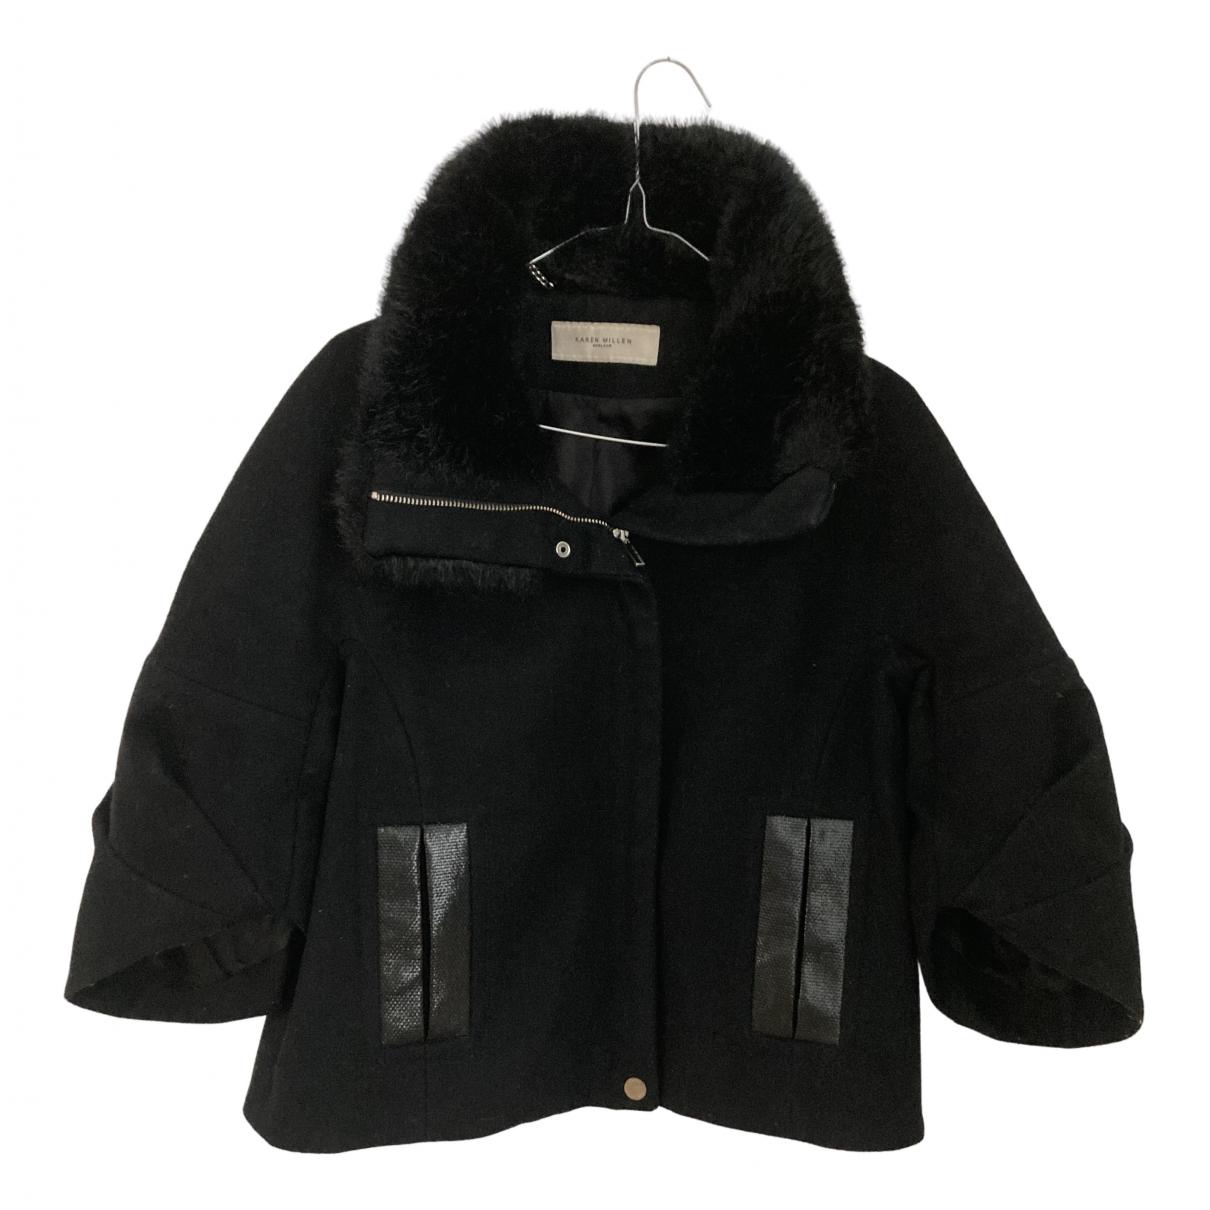 Karen Millen - Manteau   pour femme en laine - noir